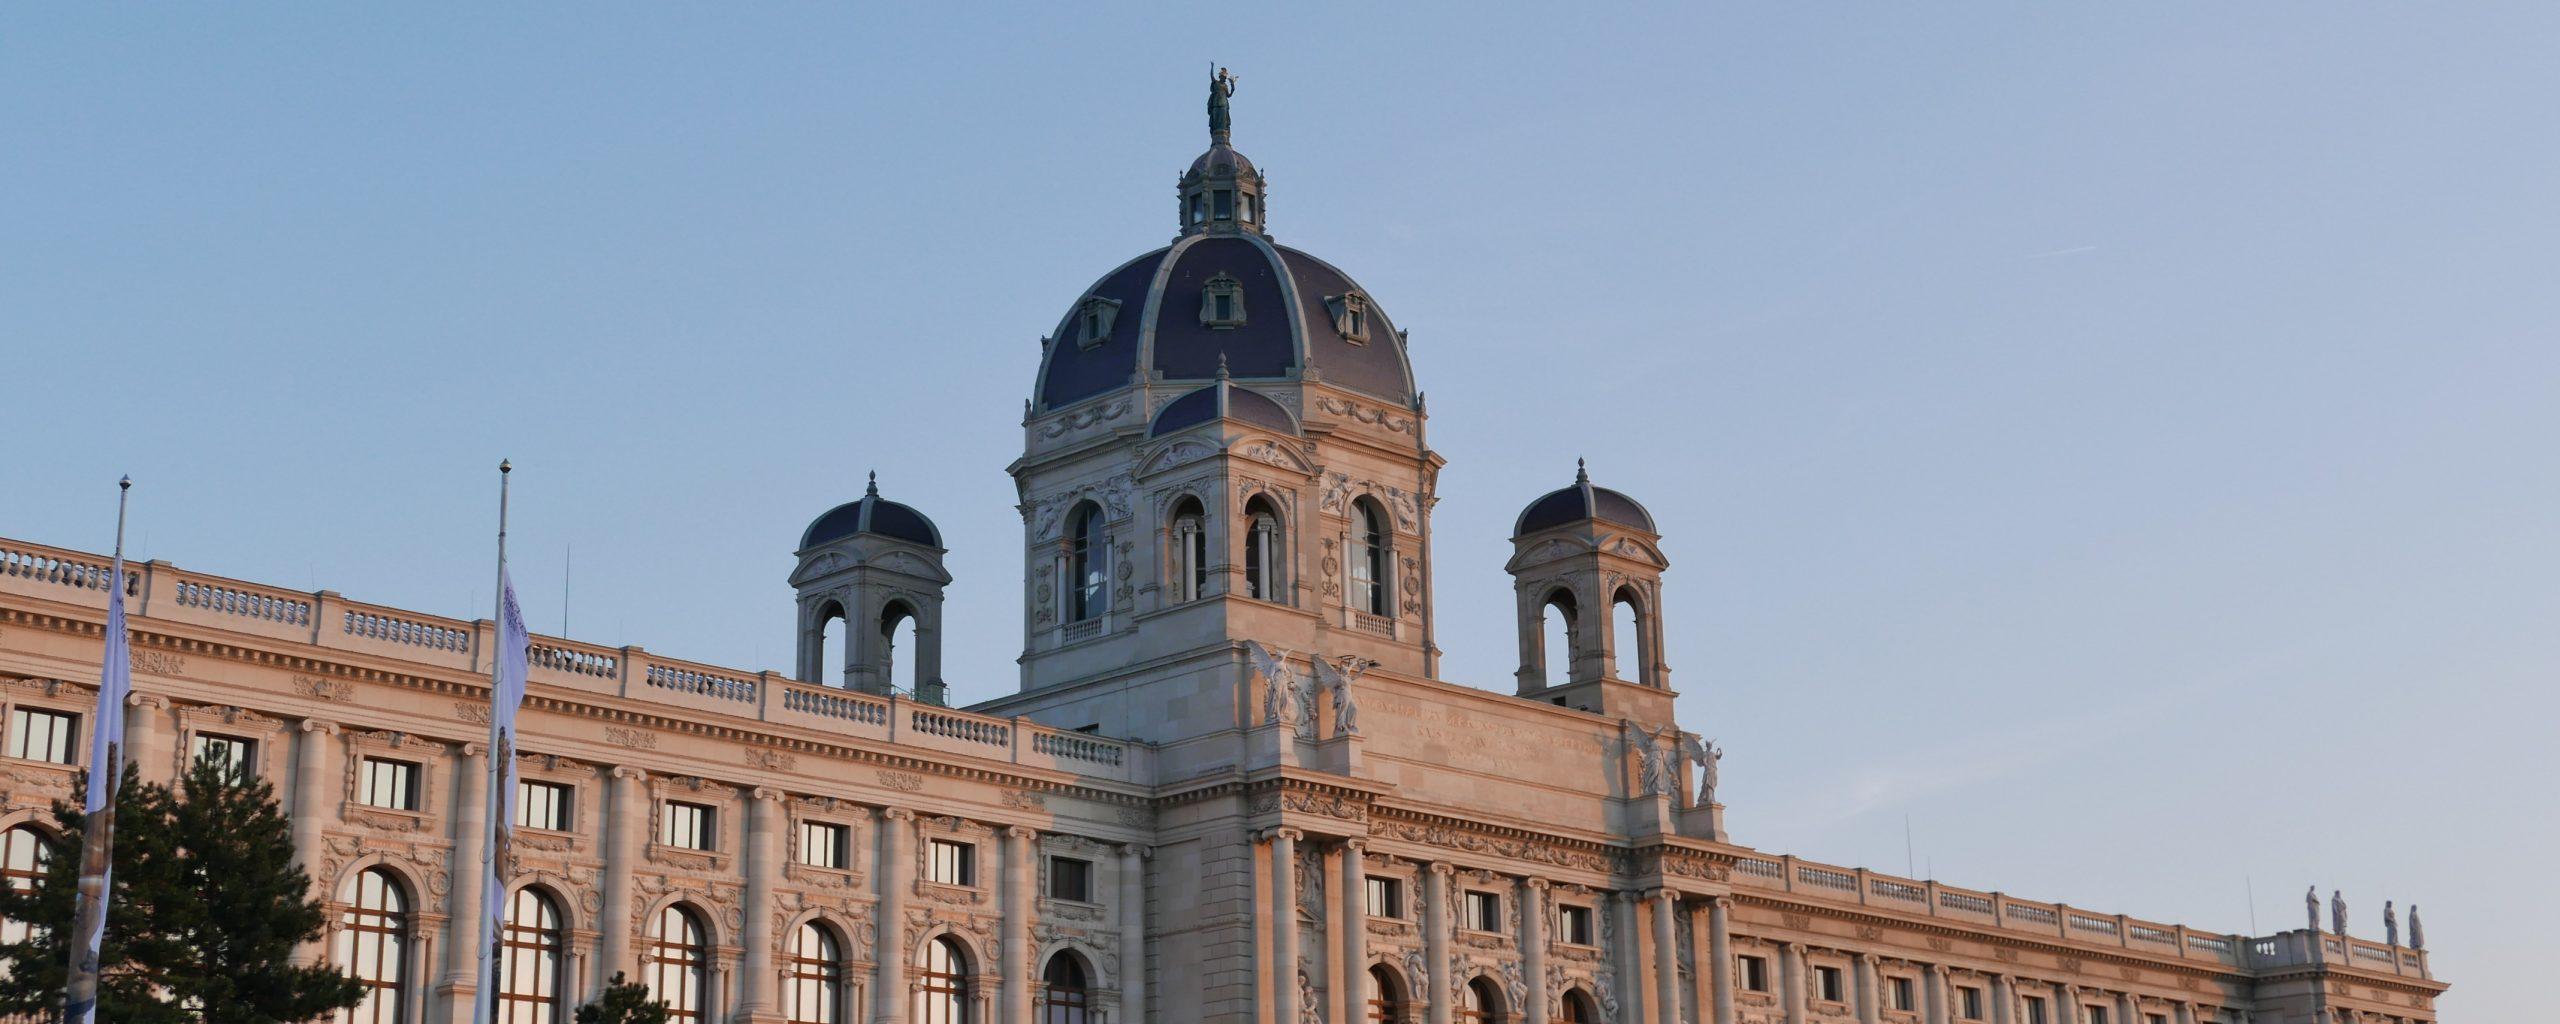 奧地利自由行|維也納自由行攻略、景點、交通、住宿推薦